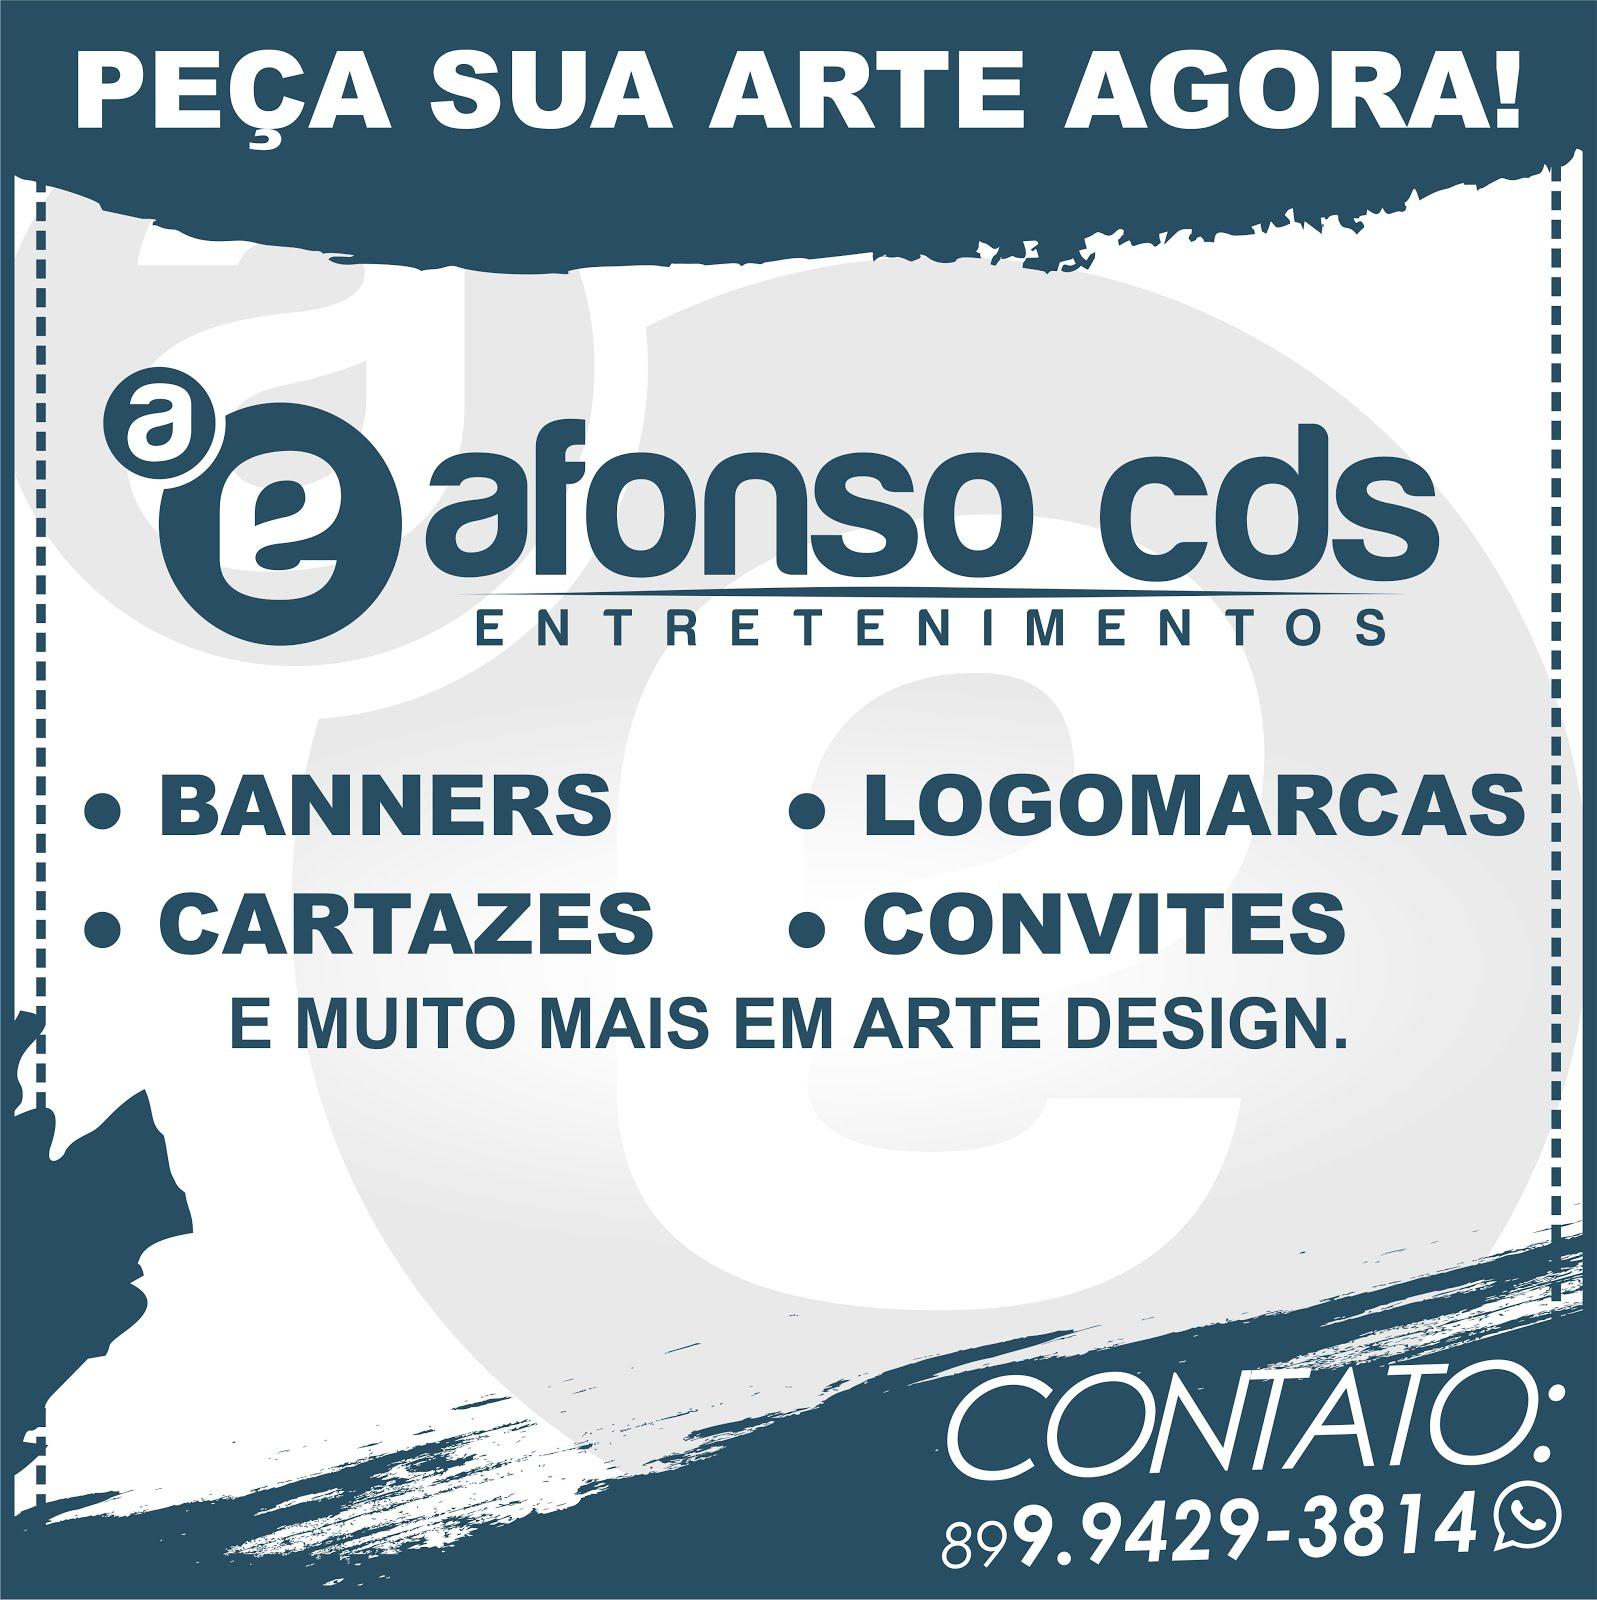 AFONSO CDS ENTRETENIMENTOS